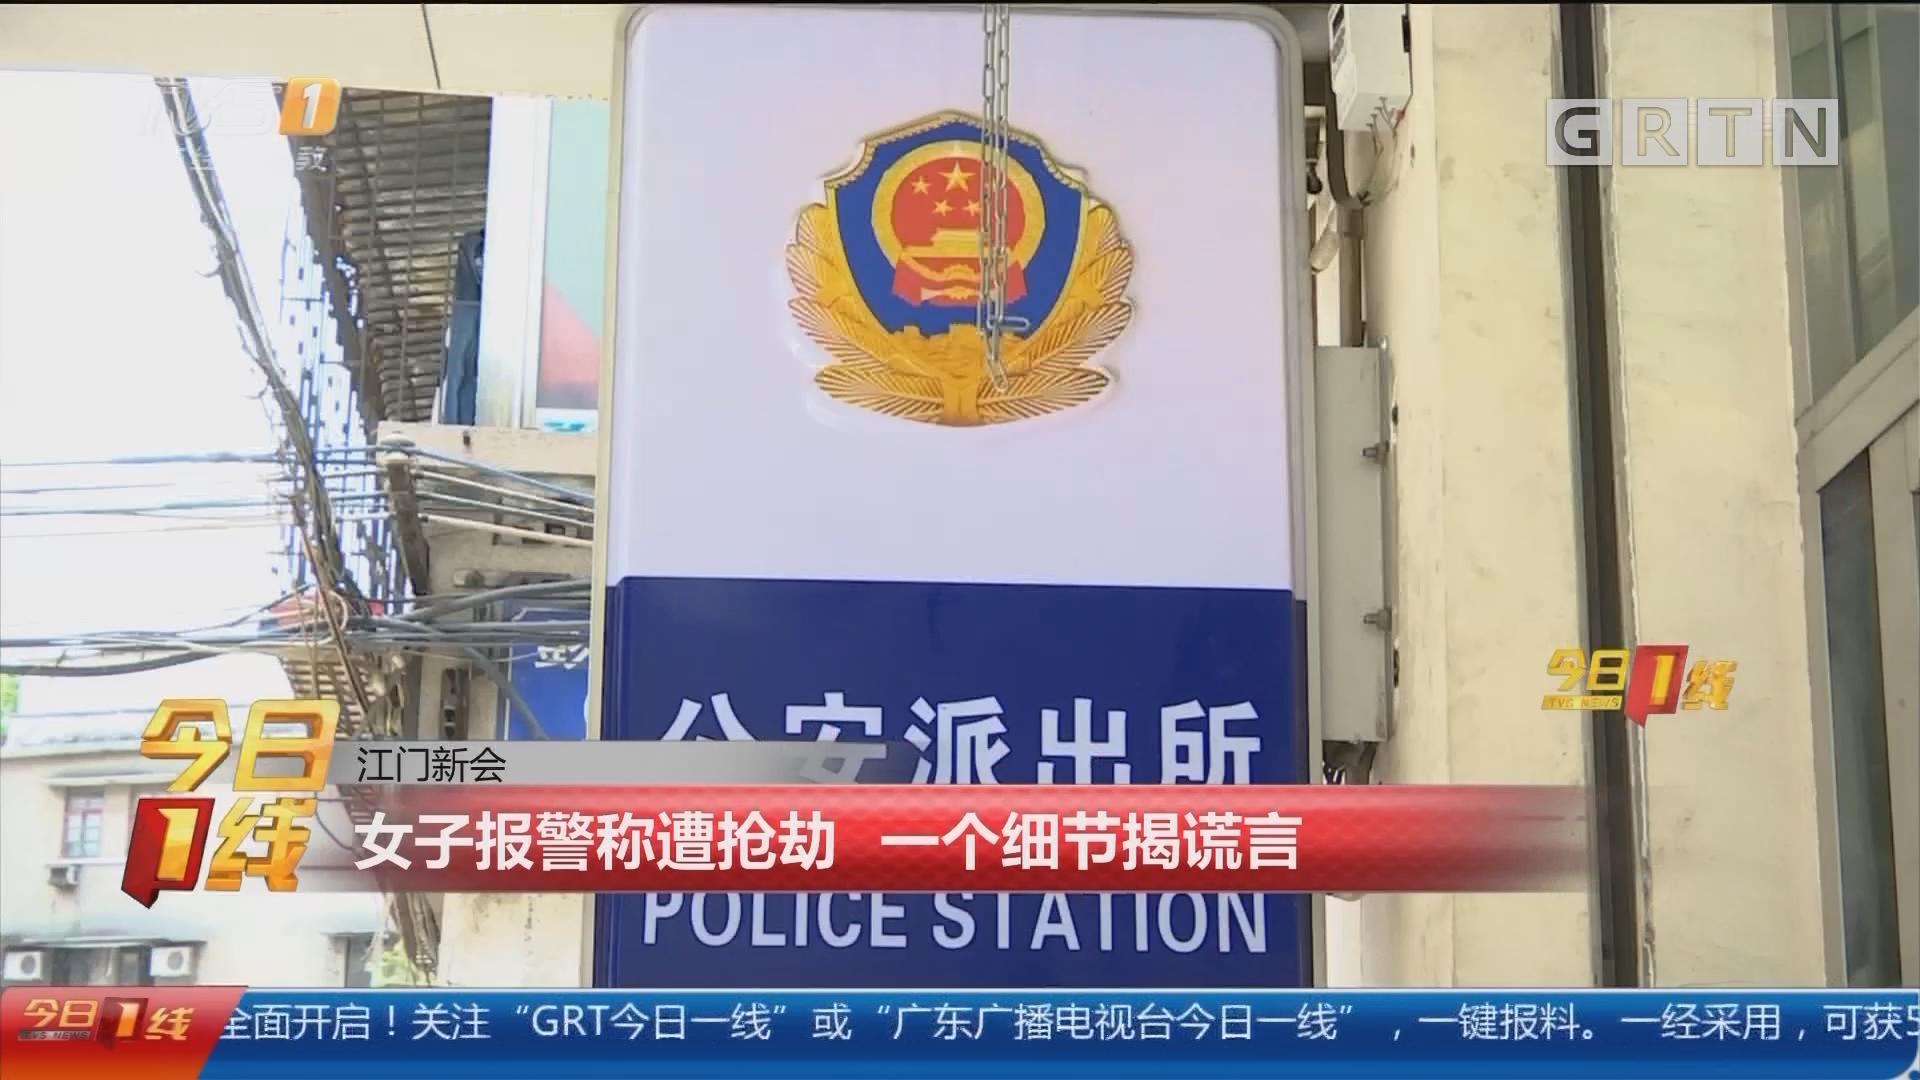 江门新会:女子报警称遭抢劫 一个细节揭谎言